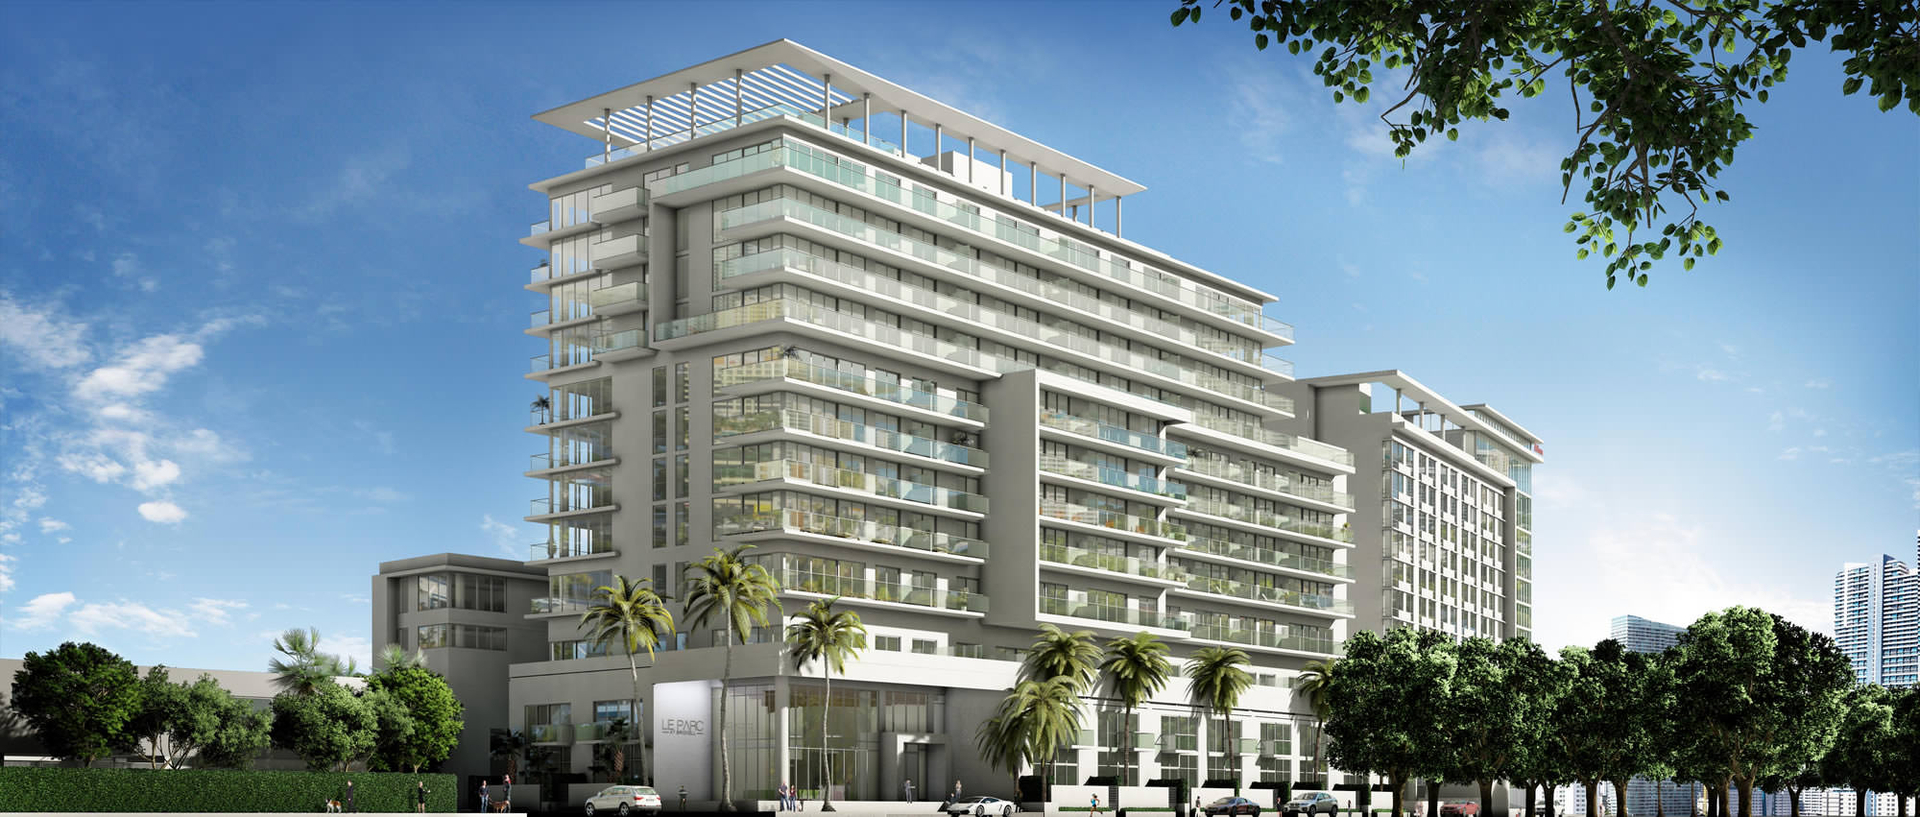 Le Parc Residencies Miami